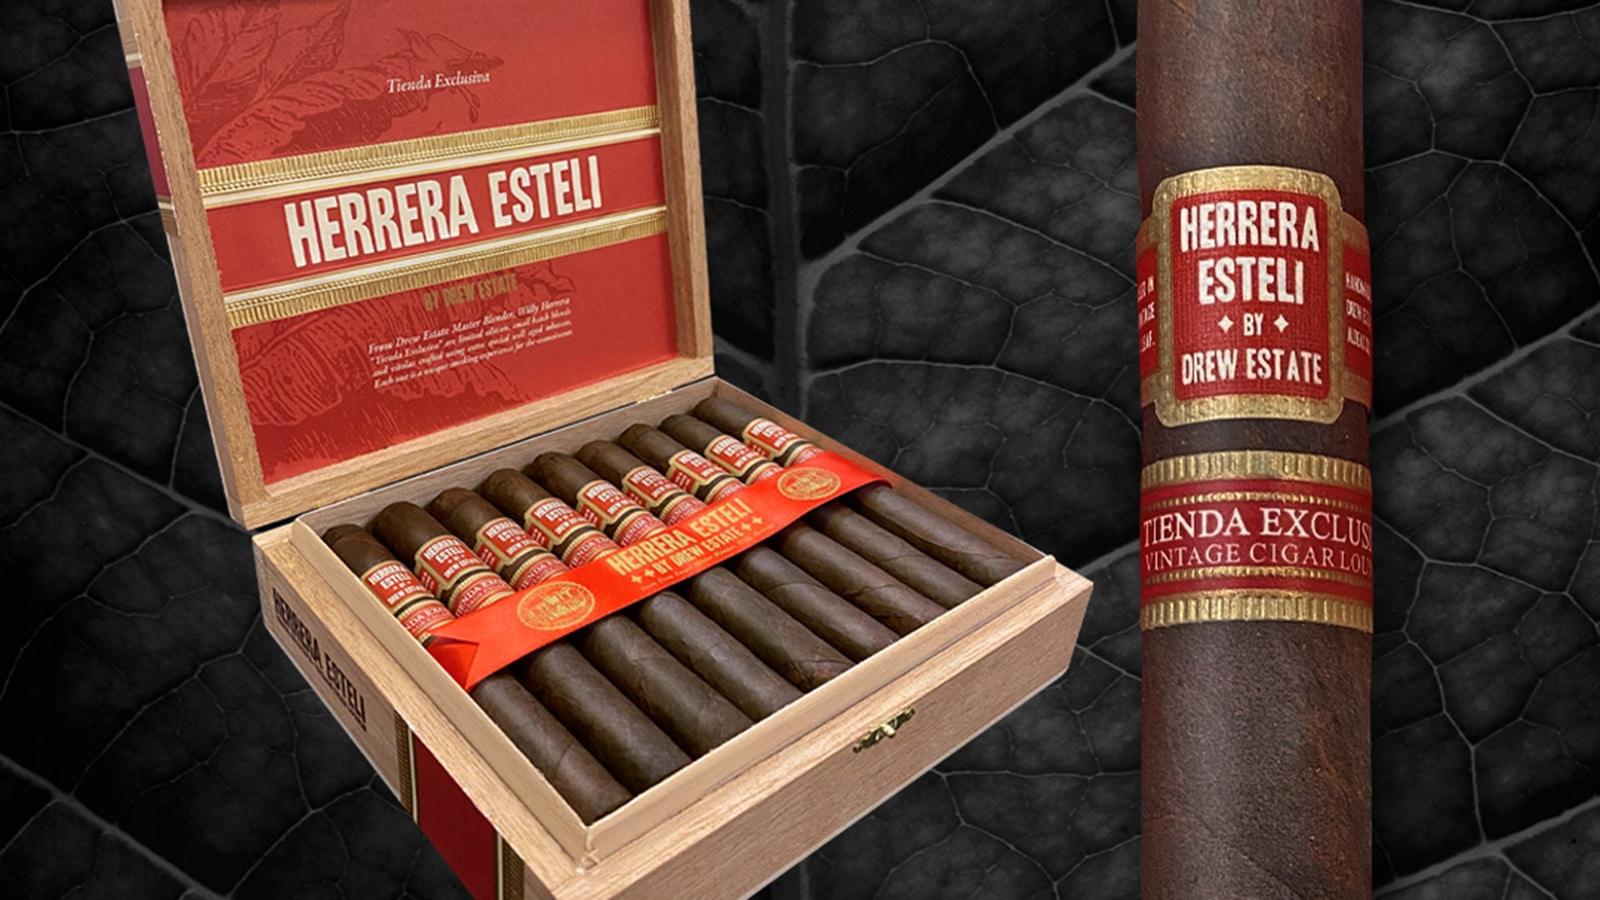 Herrera Esteli Tienda Exclusive VINTAGE